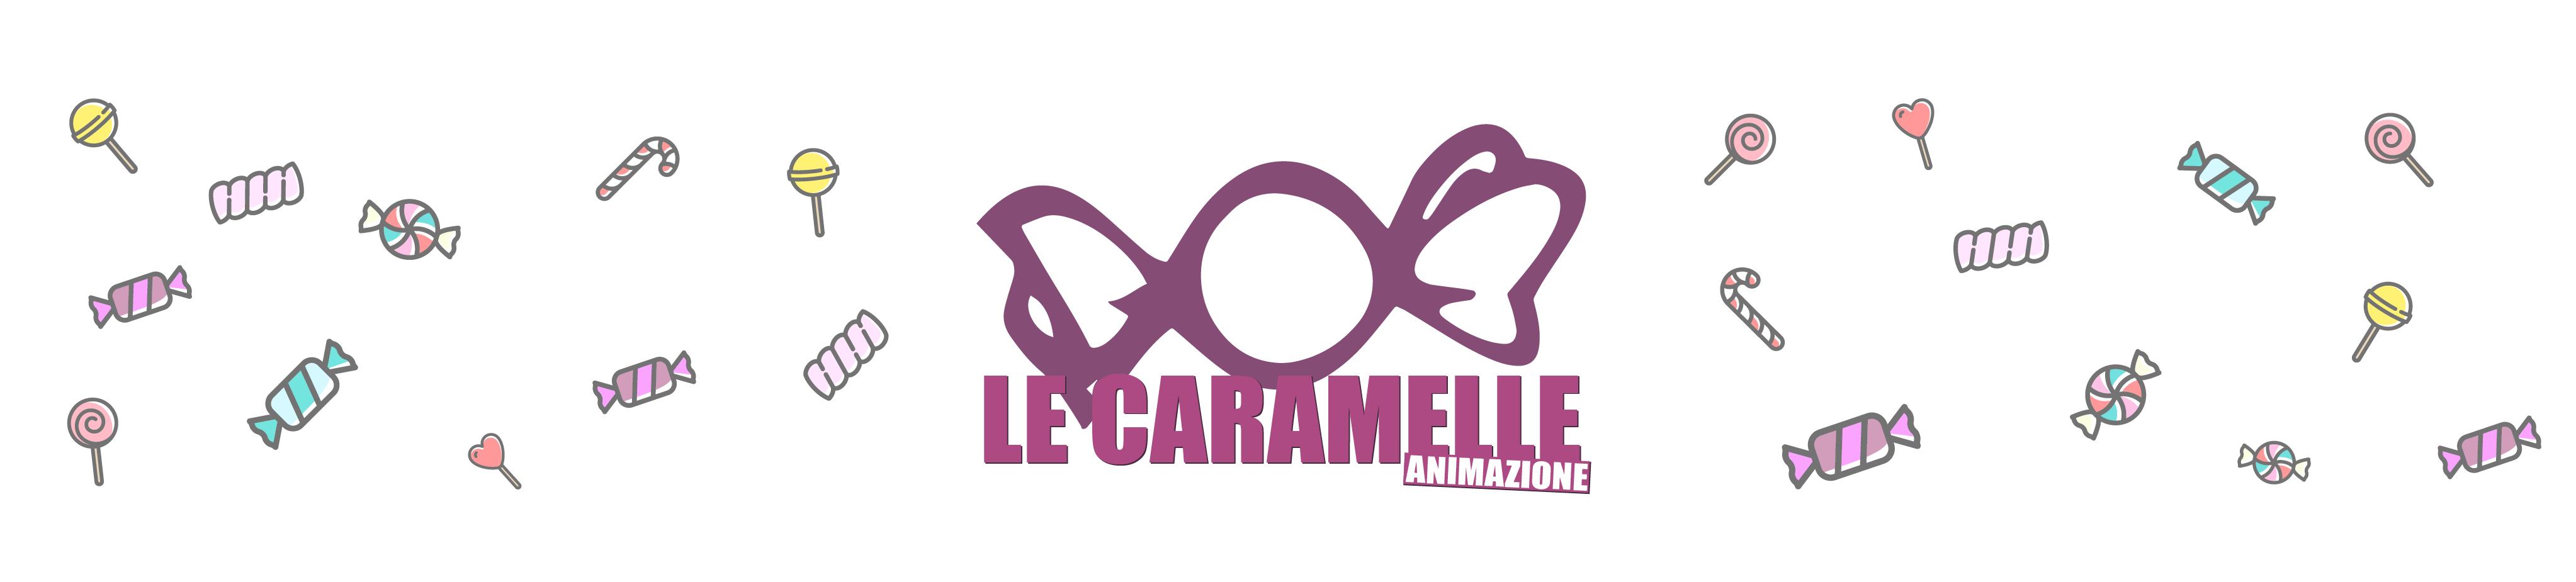 Le Caramelle Animazione